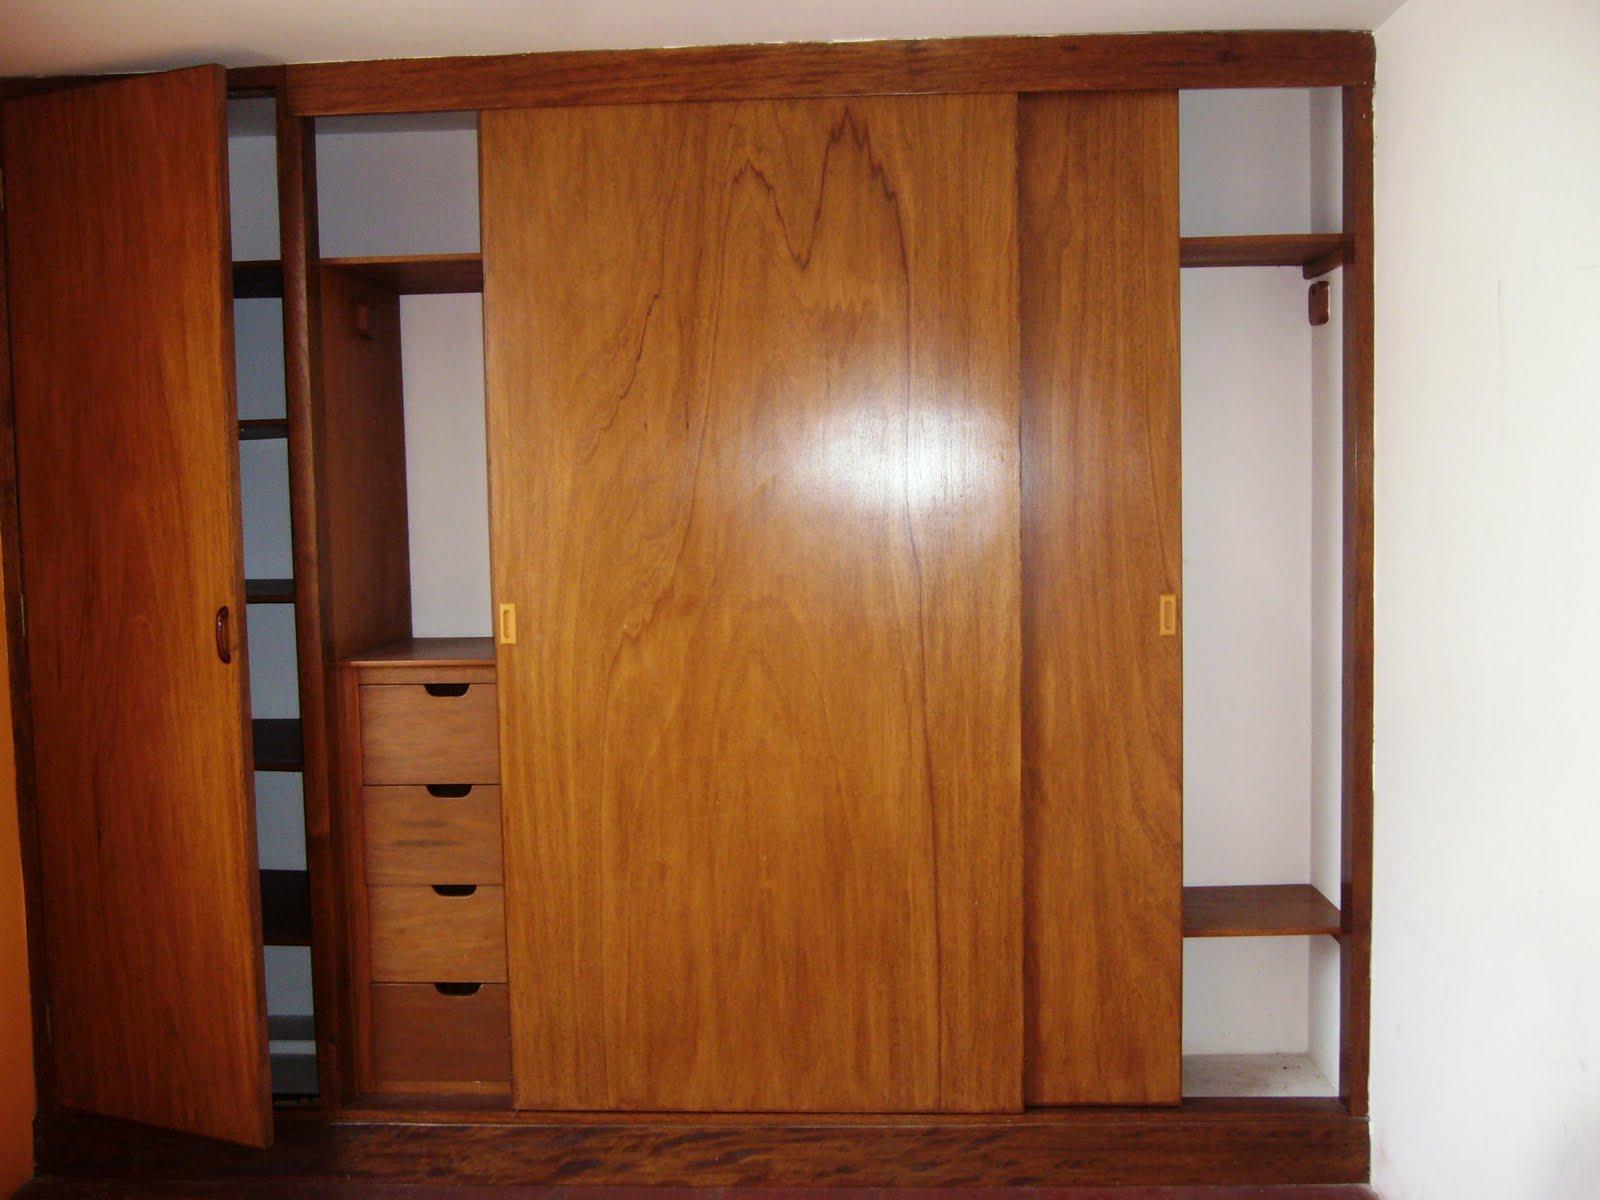 Remate de acabados closet madera cedro for Armar closet de madera